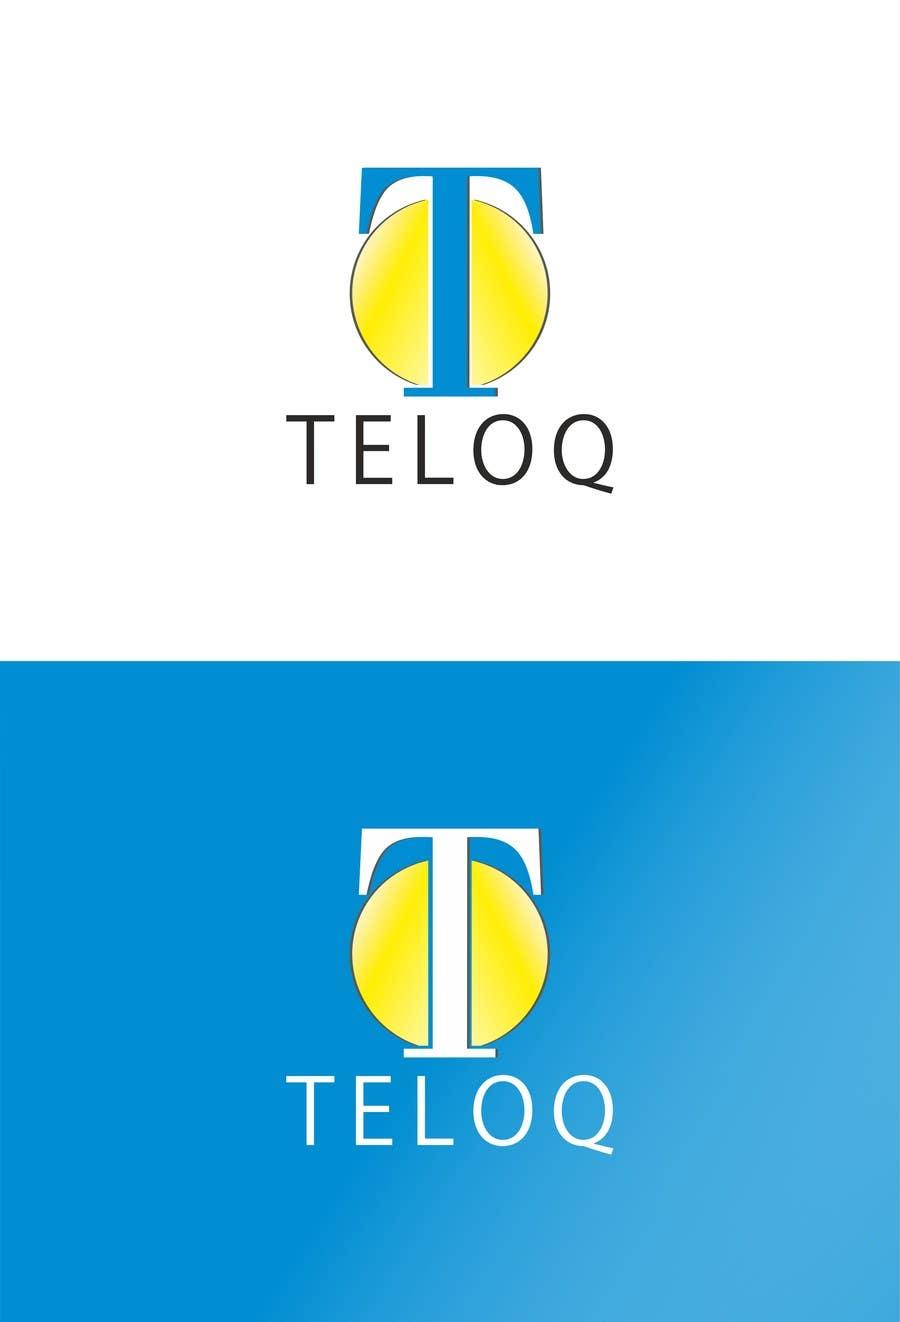 Inscrição nº                                         68                                      do Concurso para                                         Design a Logo for a business